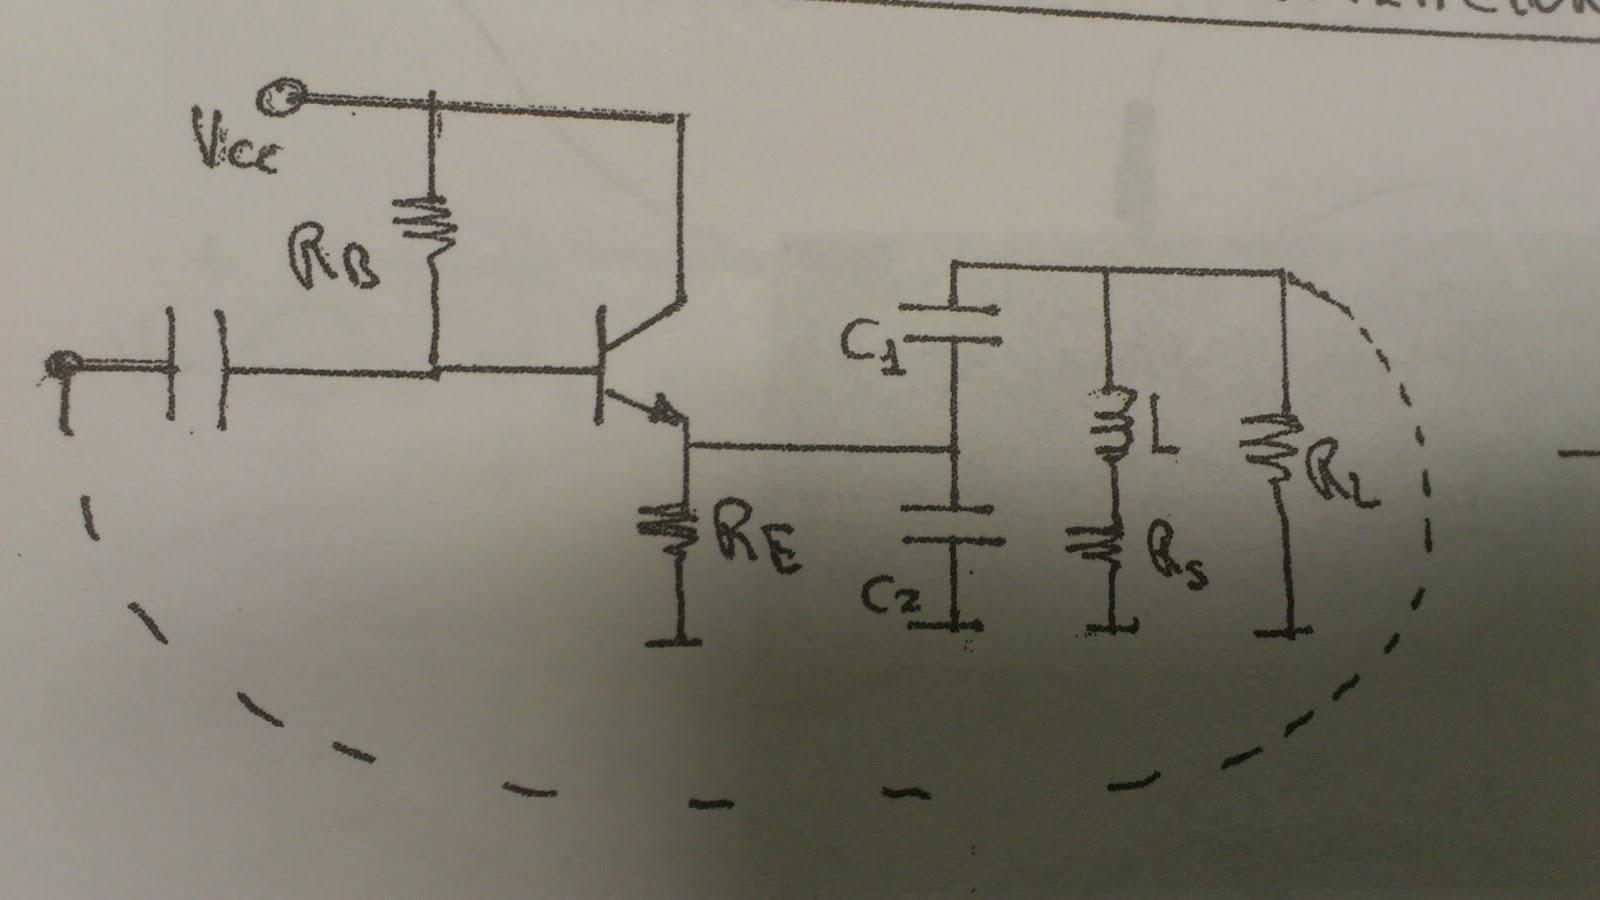 Circuito Oscilador : Diseño oscilador hf radio tecnología